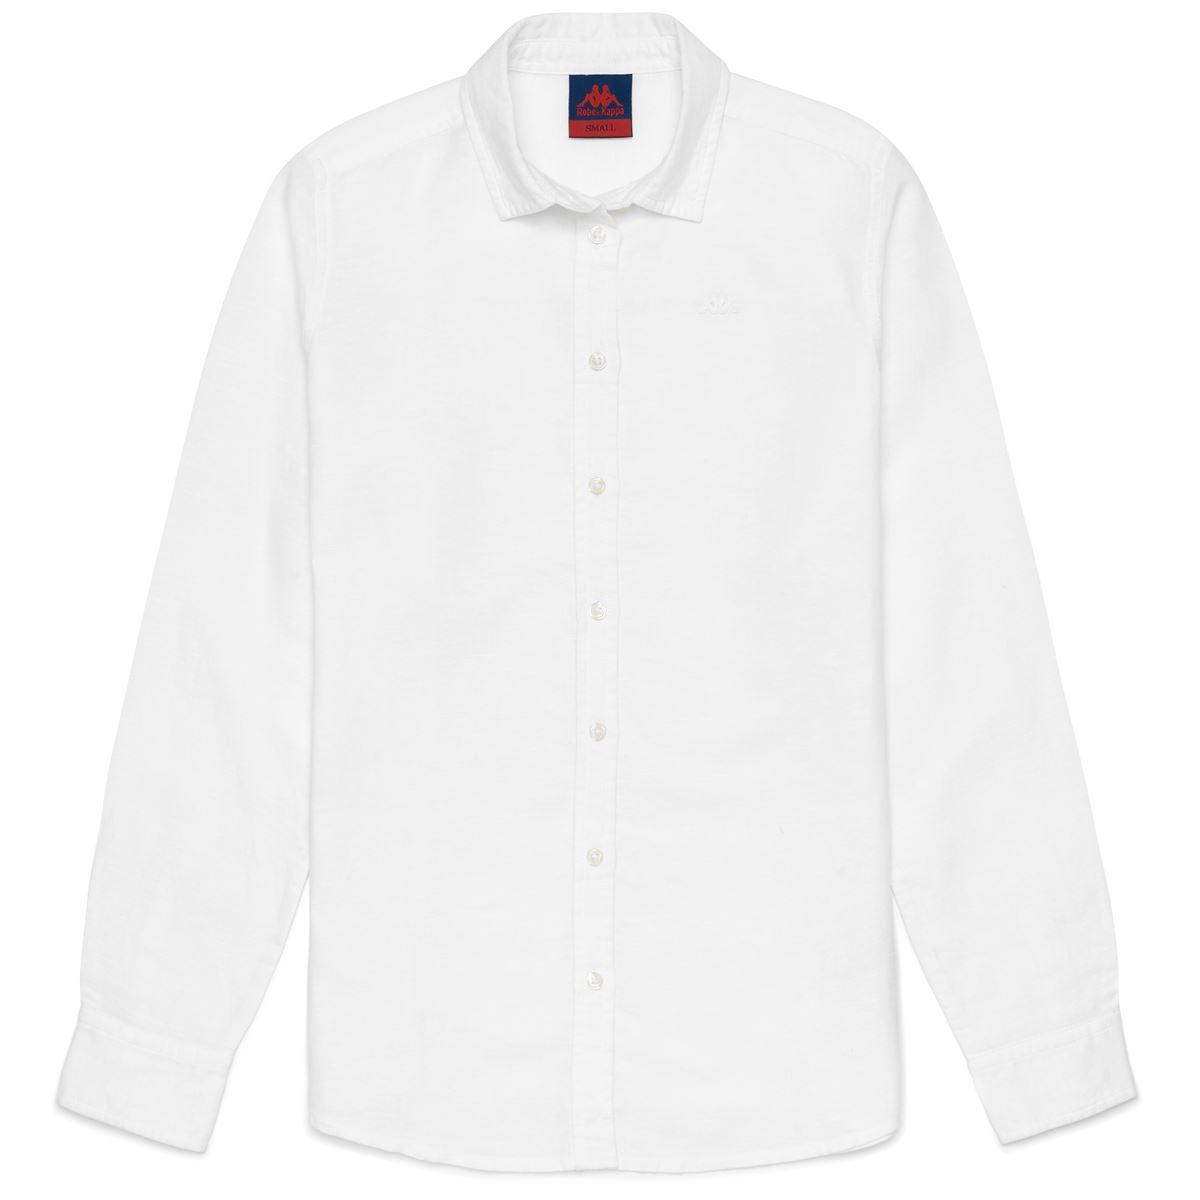 Robe di Kappa Camicie donna-651148W